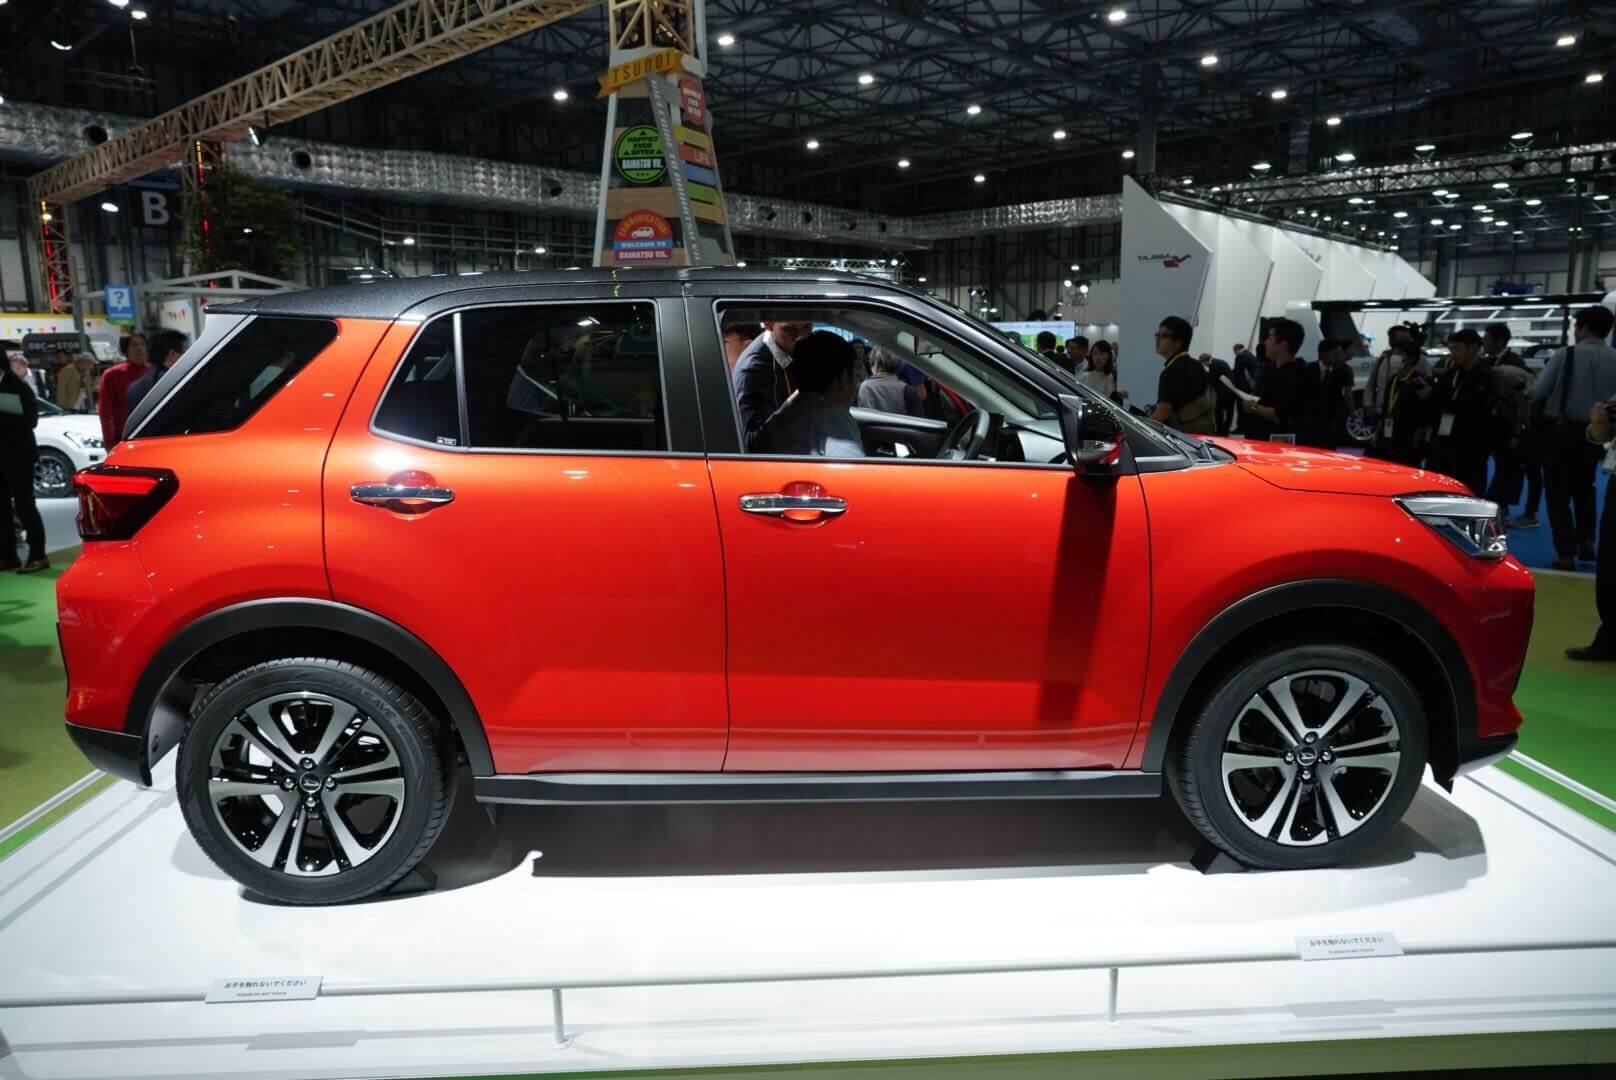 ダイハツ(トヨタ)新型 小型車(A-SUV?)東京モーターショー2019